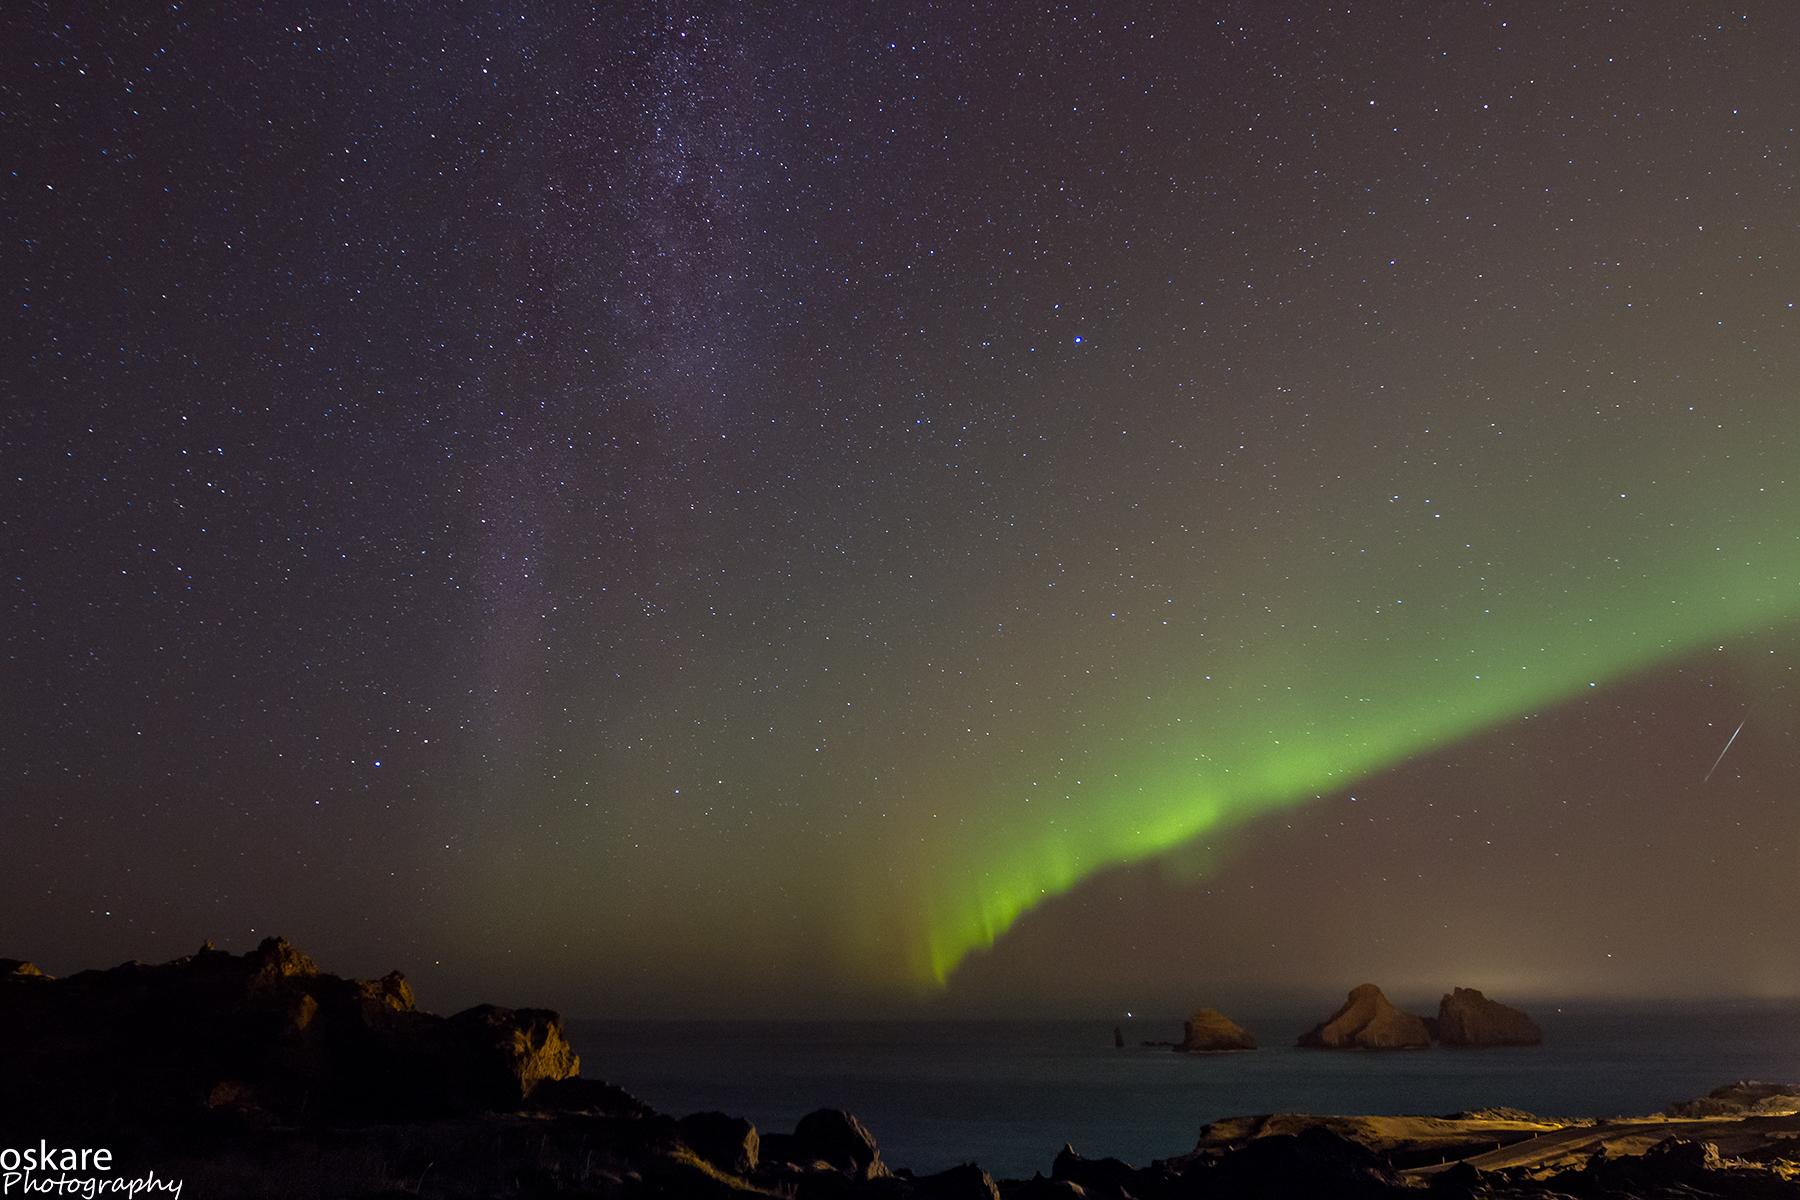 Milky Way, Aurora Borealis and a Meteor